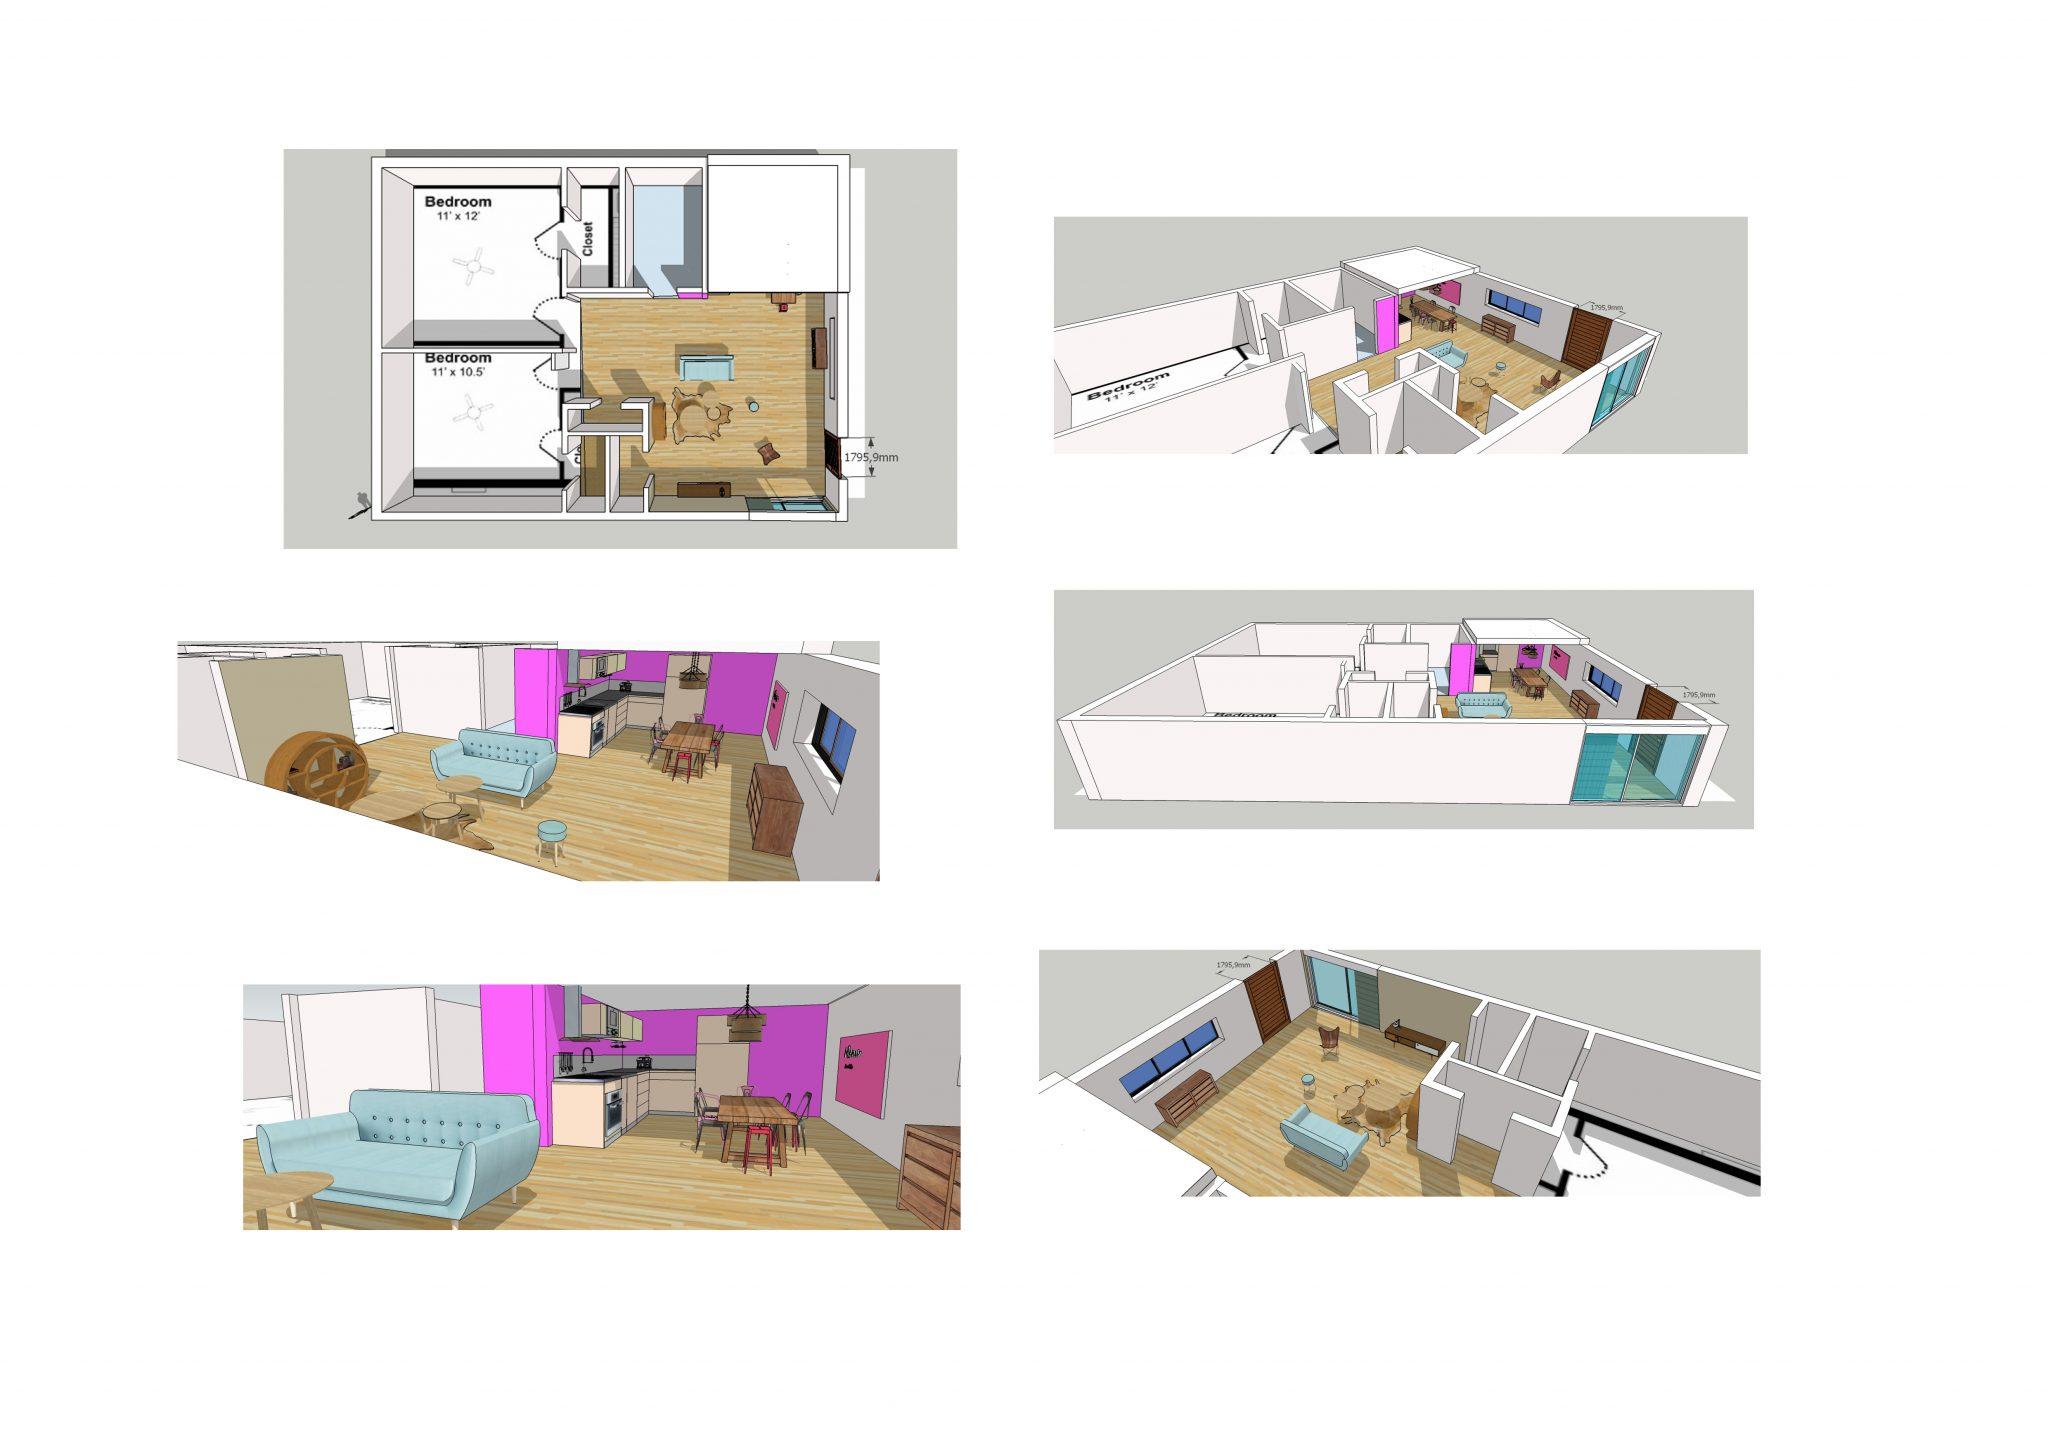 Un creation plan 3d l 39 impression 3d for Salon impression 3d